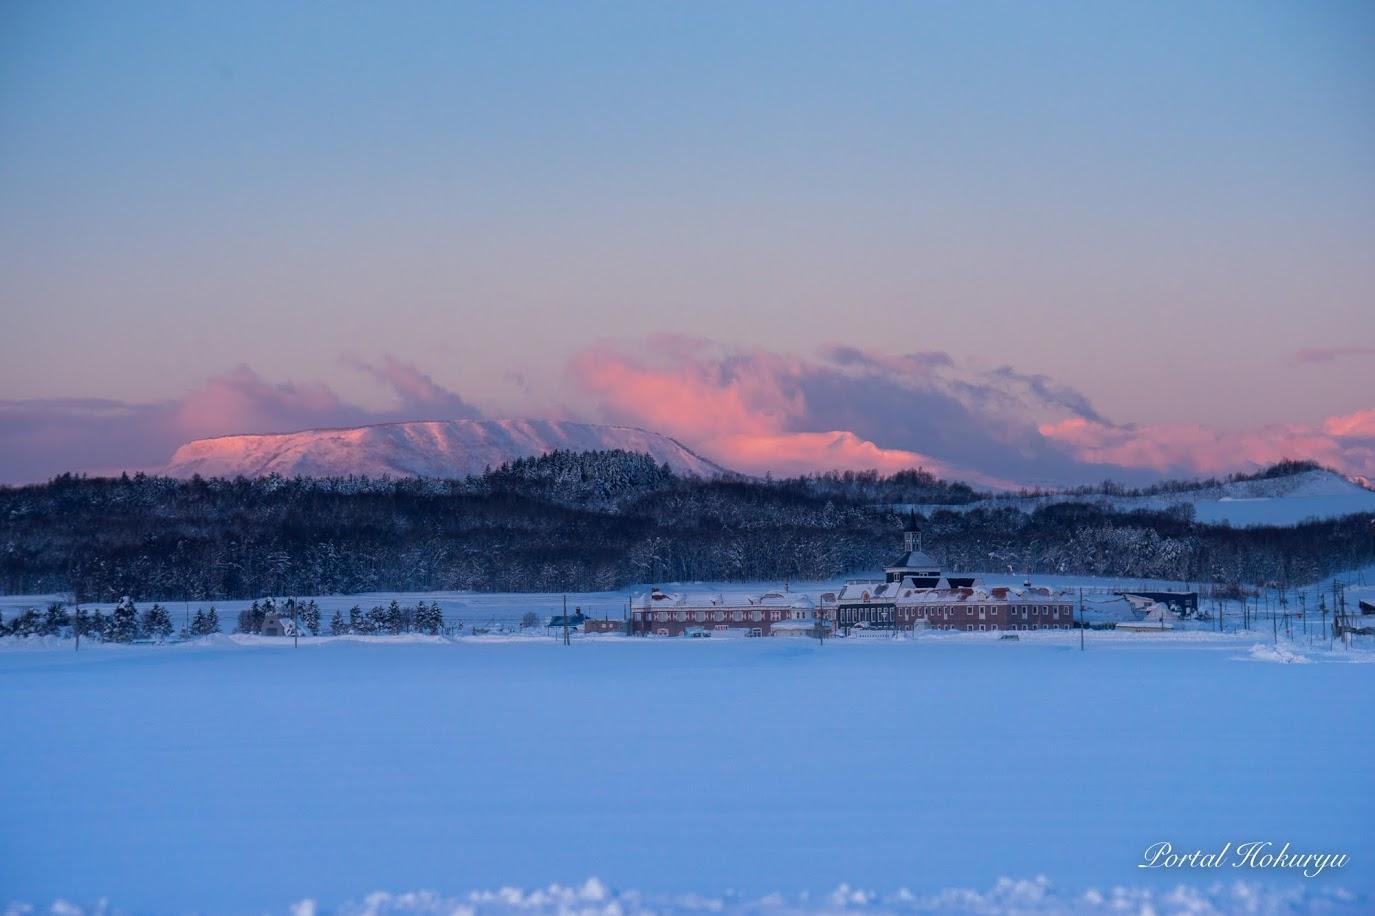 北竜町の冬景色・早朝